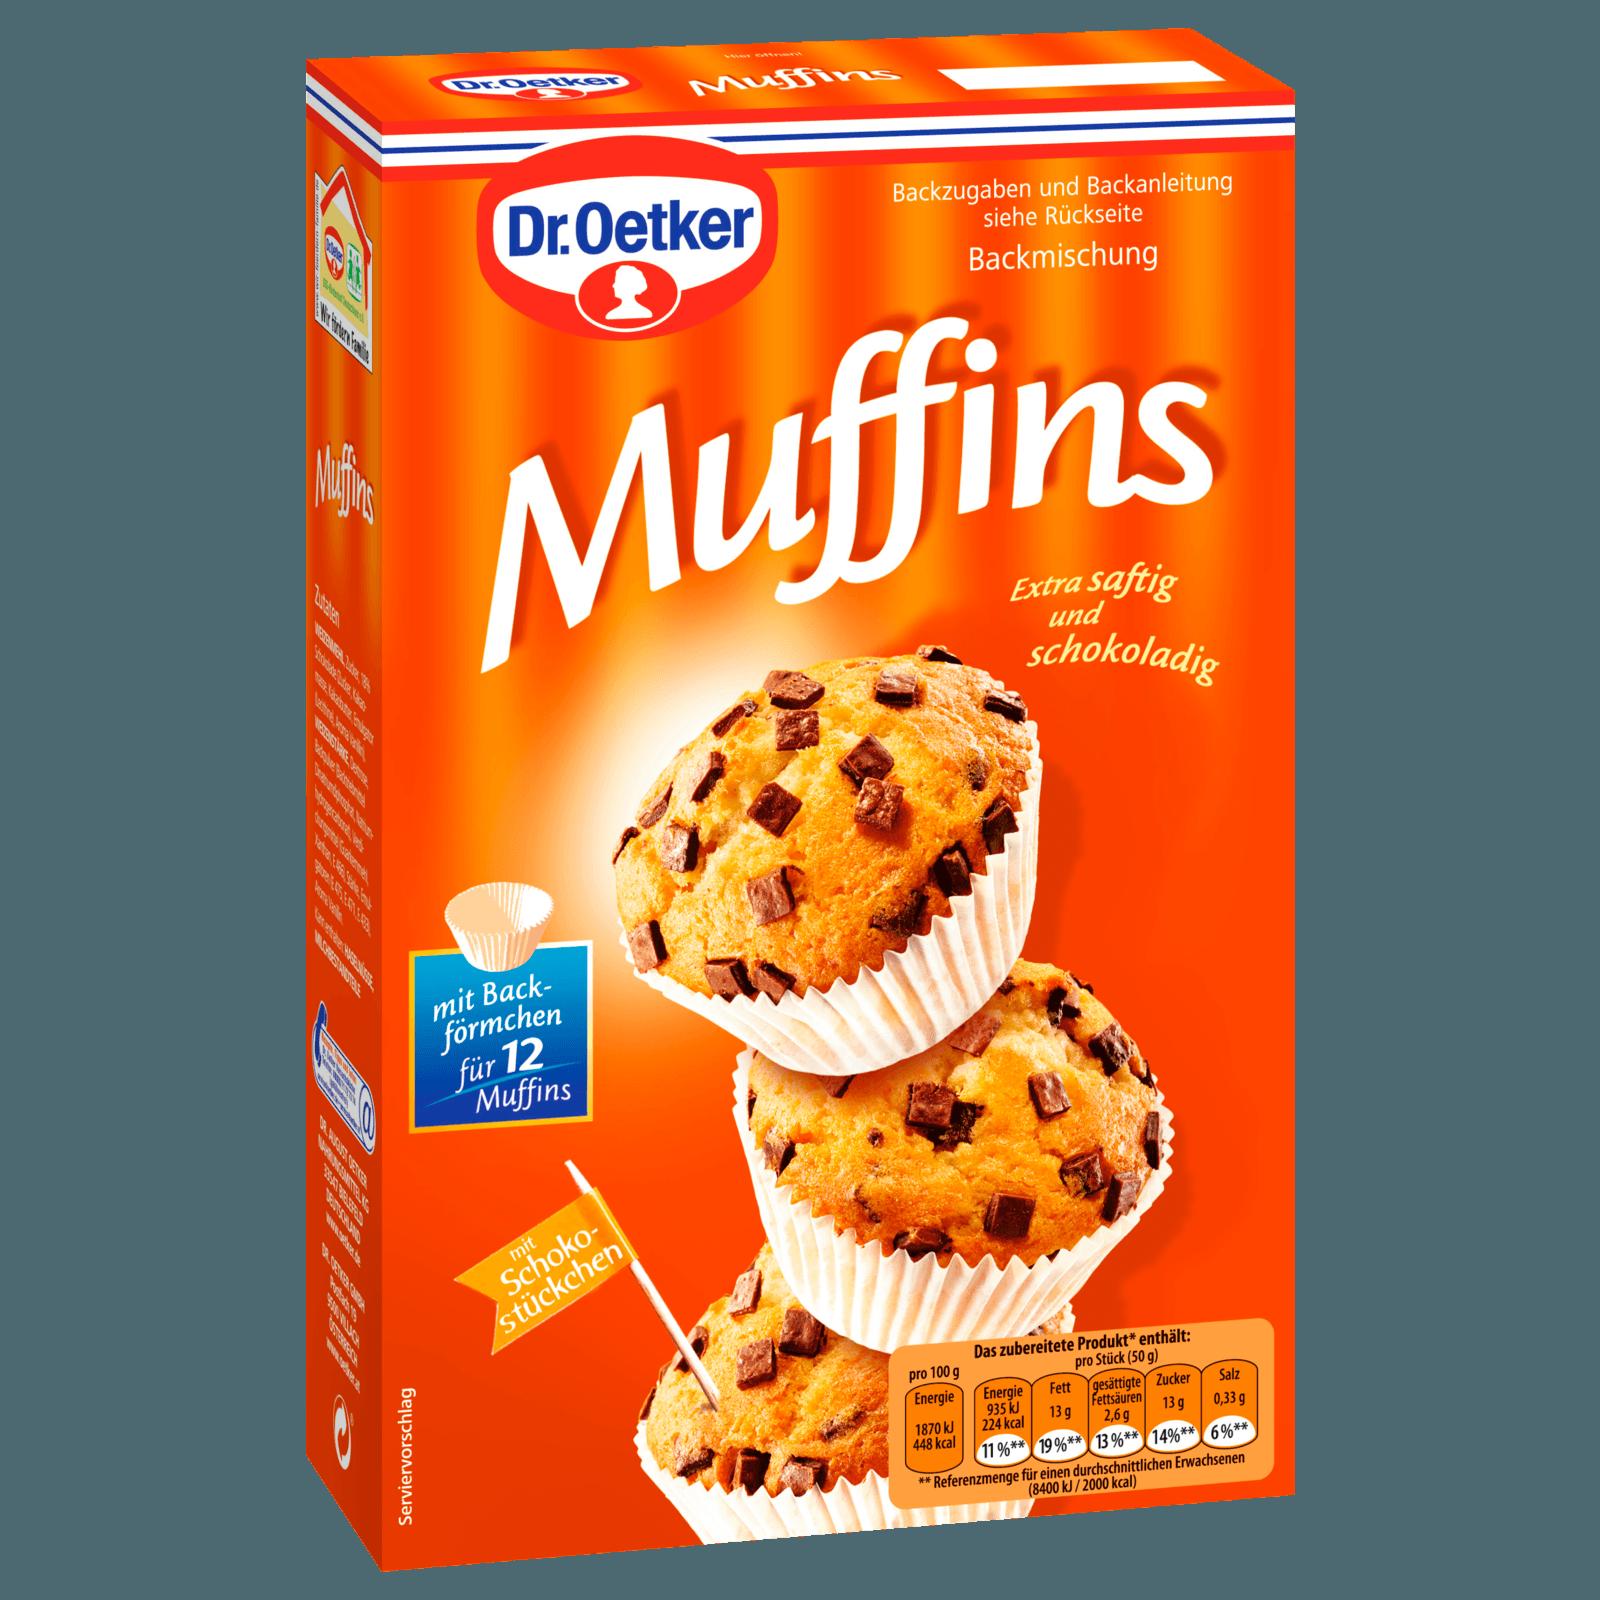 Dr Oetker Muffins 370g Bei Rewe Online Bestellen